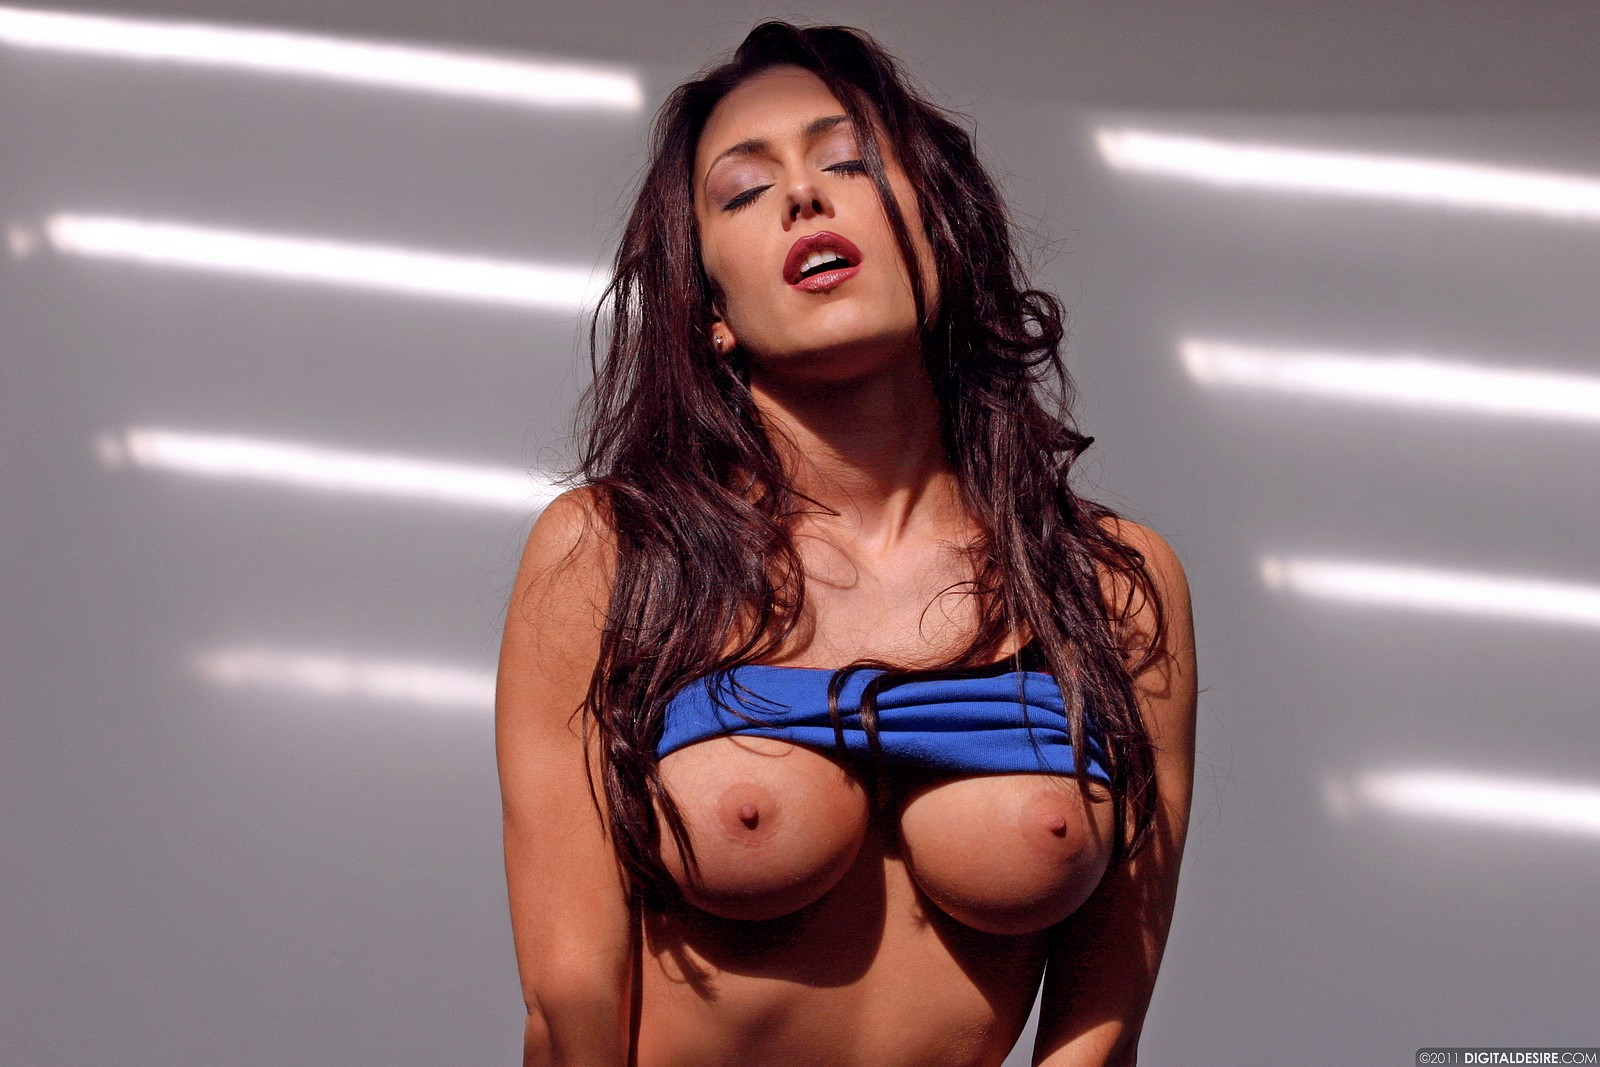 Sexy women hot wow nude pornos photos